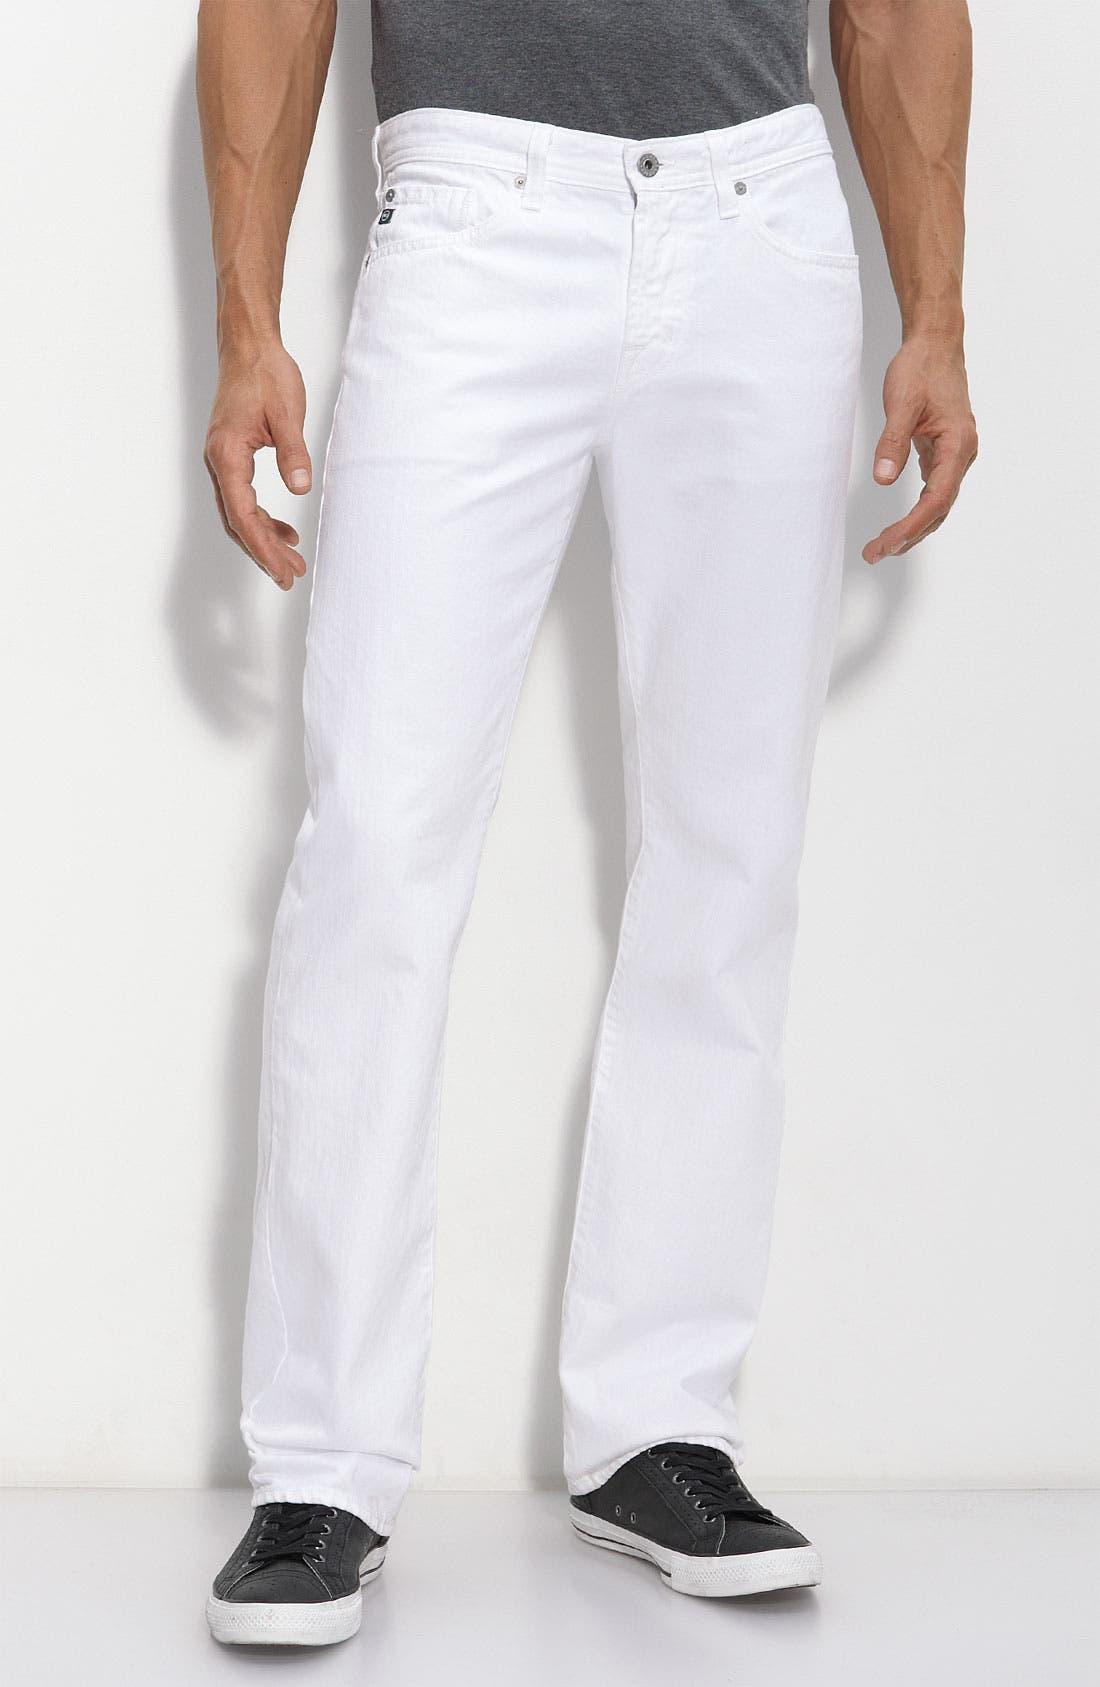 Main Image - AG Jeans 'Protégé' Straight Leg Jeans (White Wash)